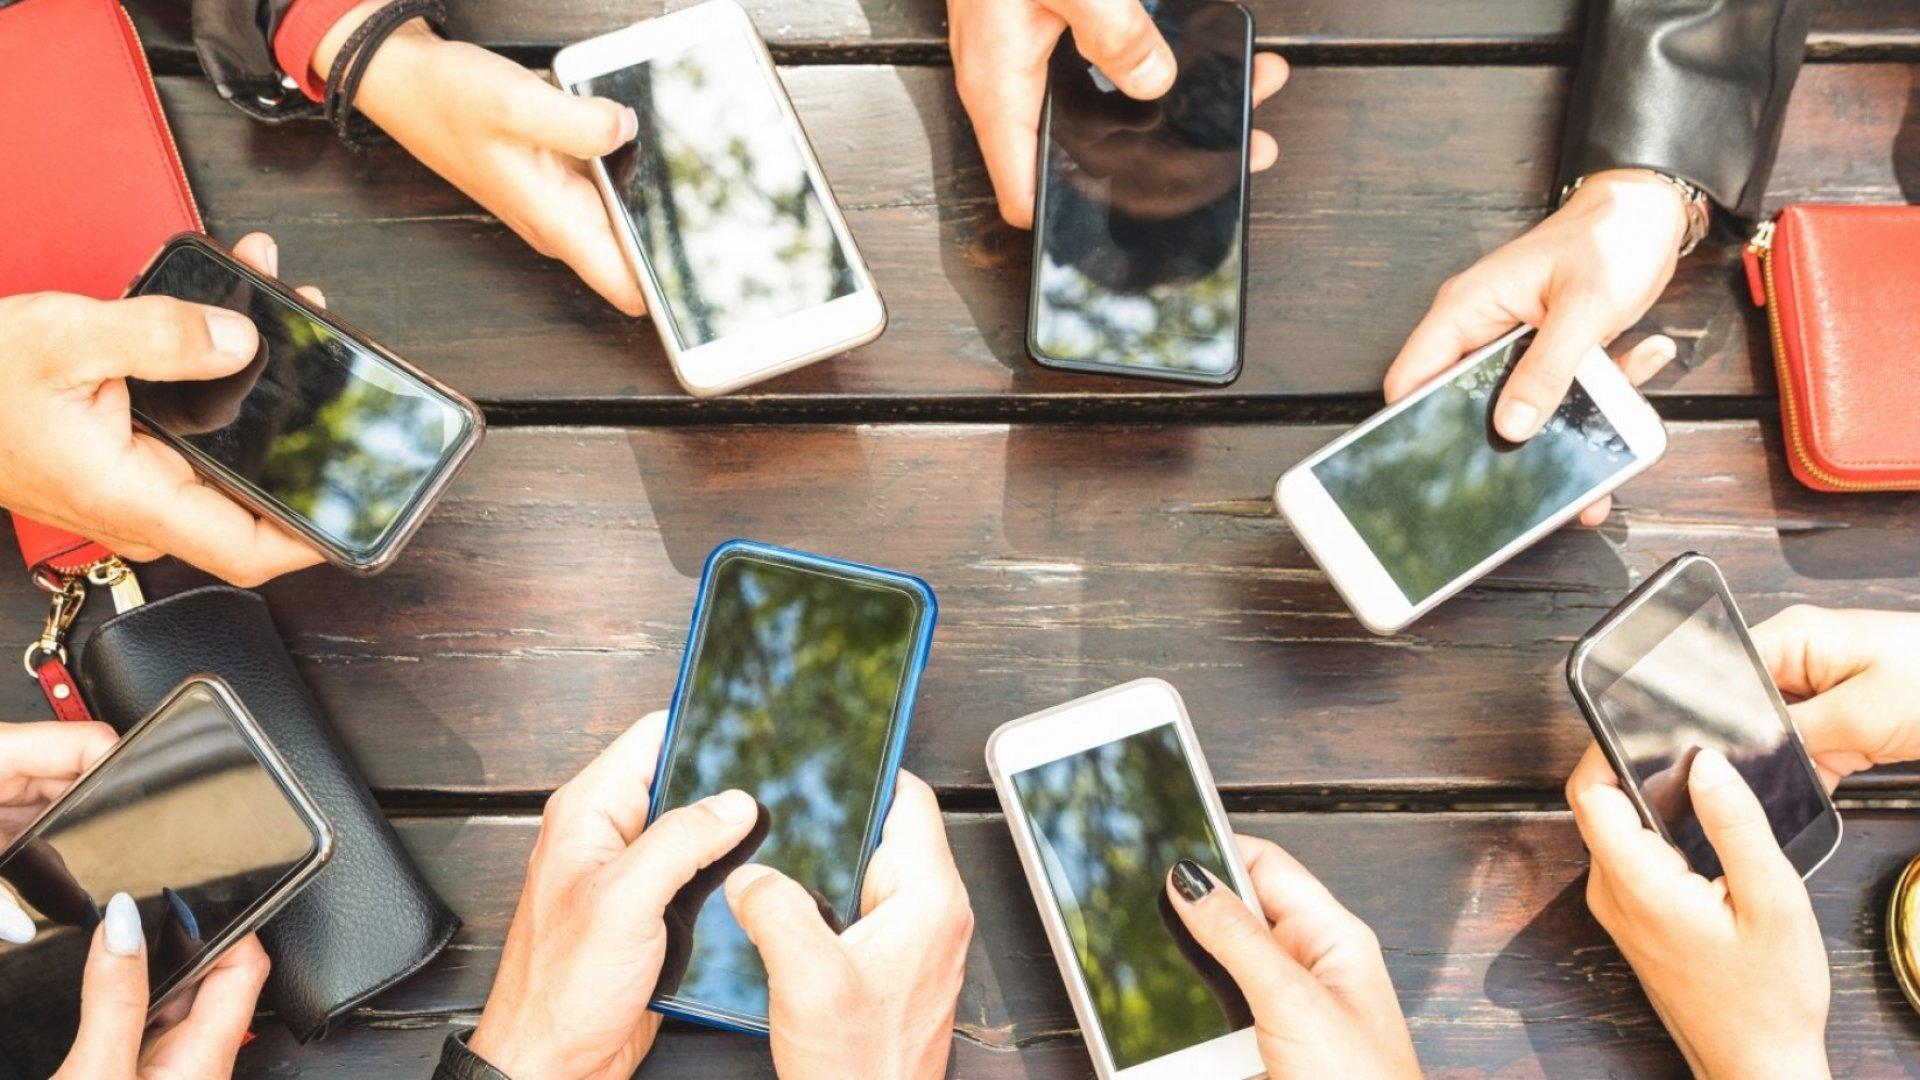 Comment utiliser un Smartphone pas cher